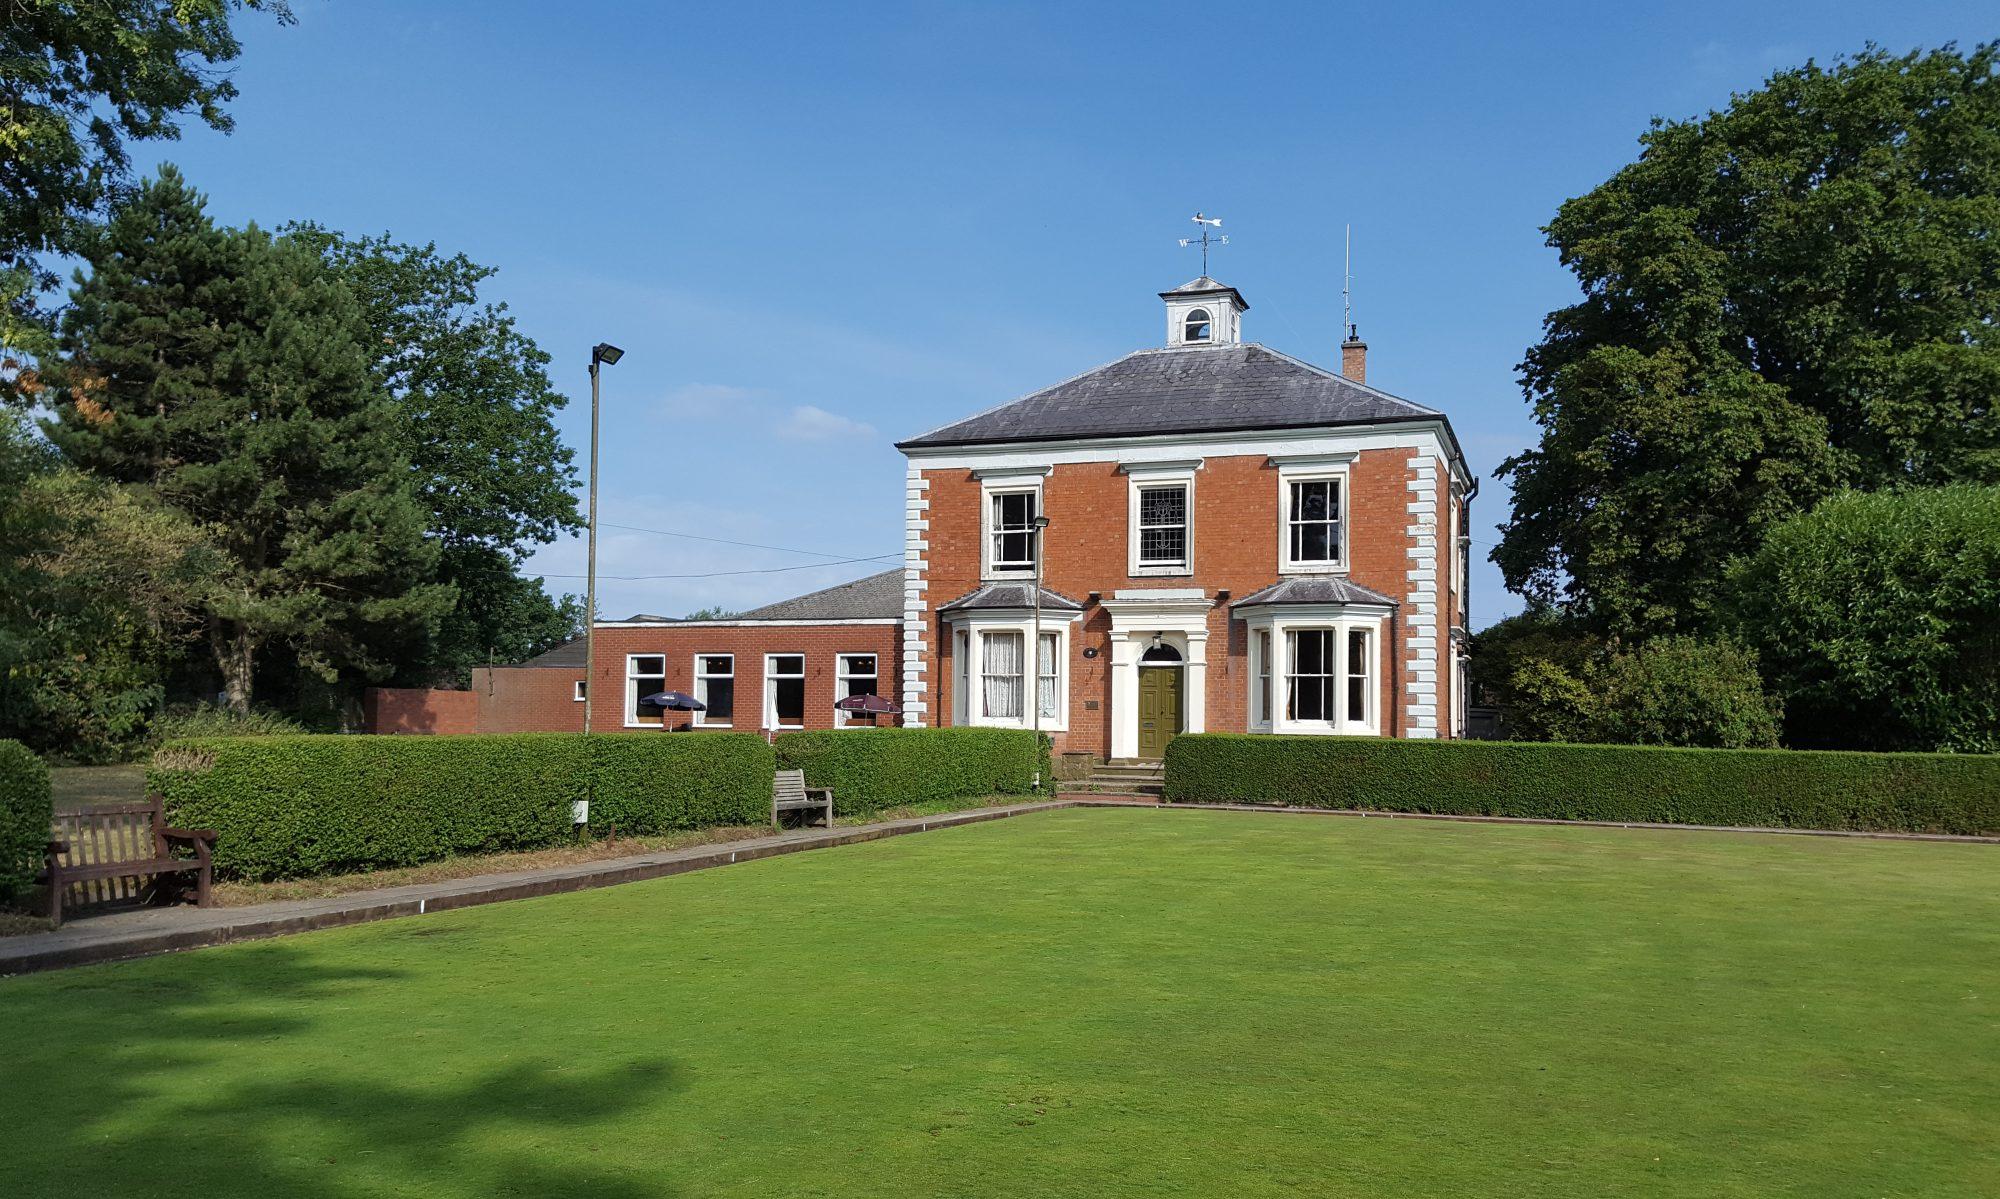 Wythall Community Club